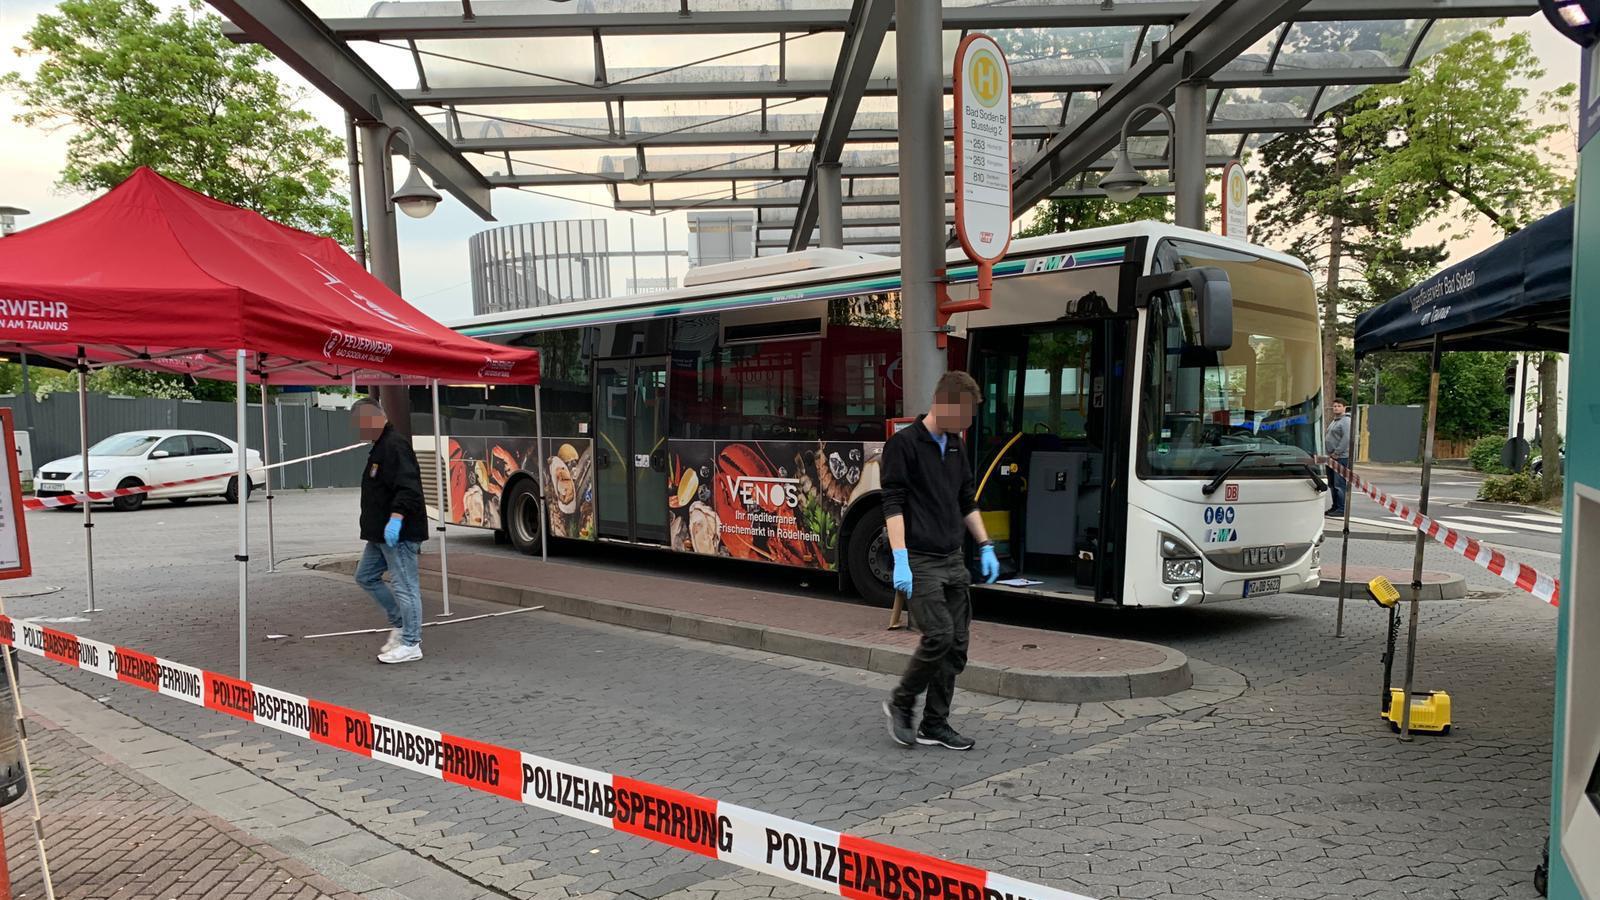 Bahnhof in Bad Soden am Taunus: Messerattacke auf Busfahrer